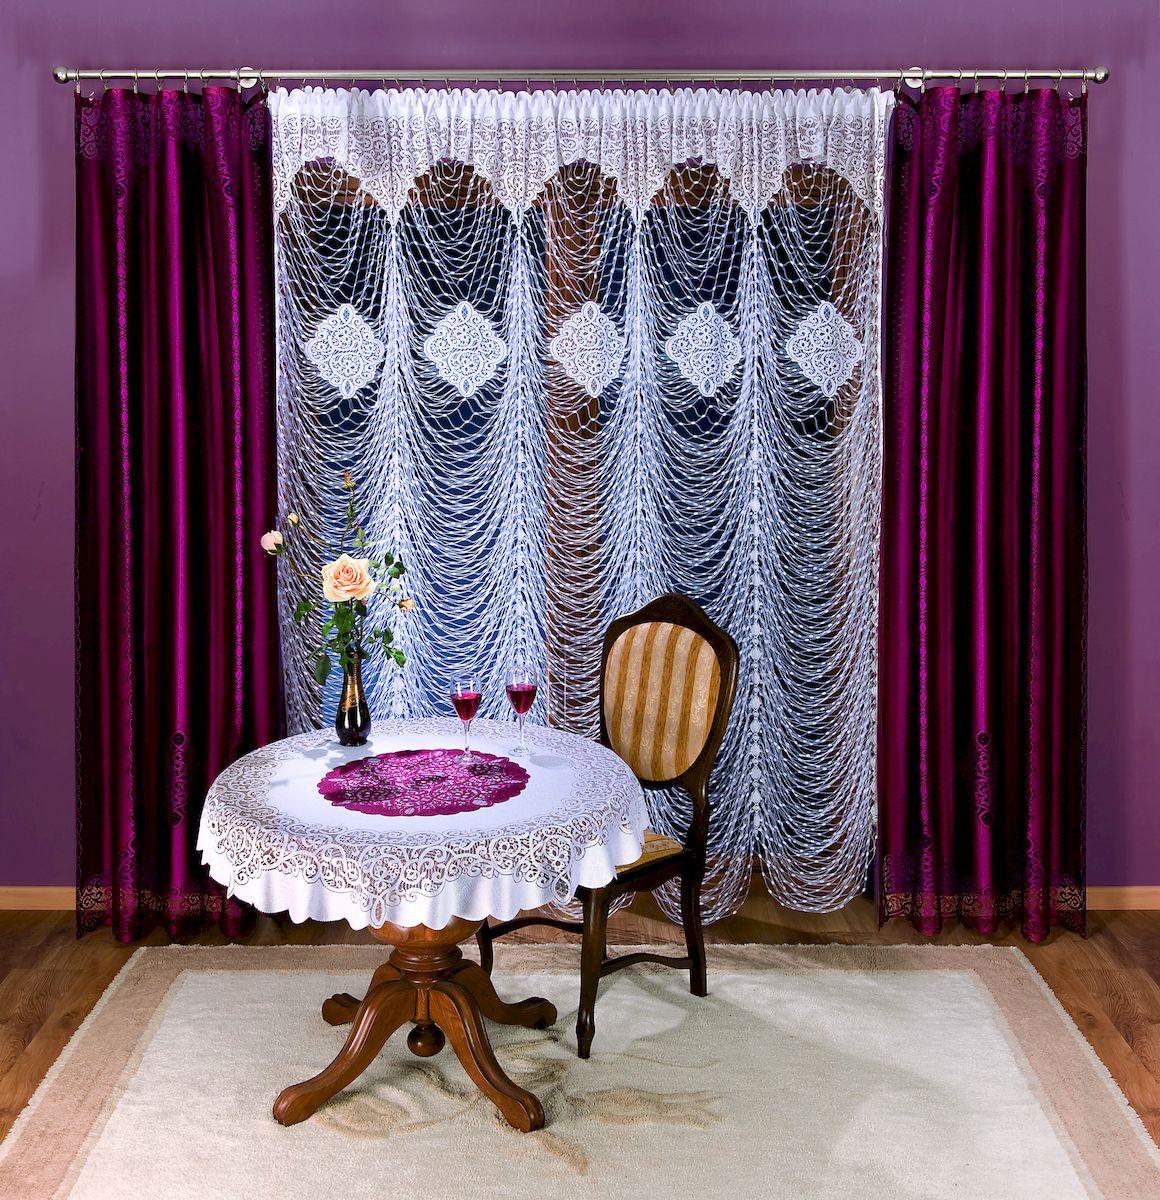 Гардина Wisan, цвет: белый, высота 250 см. 280A39111258120Гардина бордового цвета из ткани средней плотности с гипюровым элементом.Размер: ширина 150 х высота 250